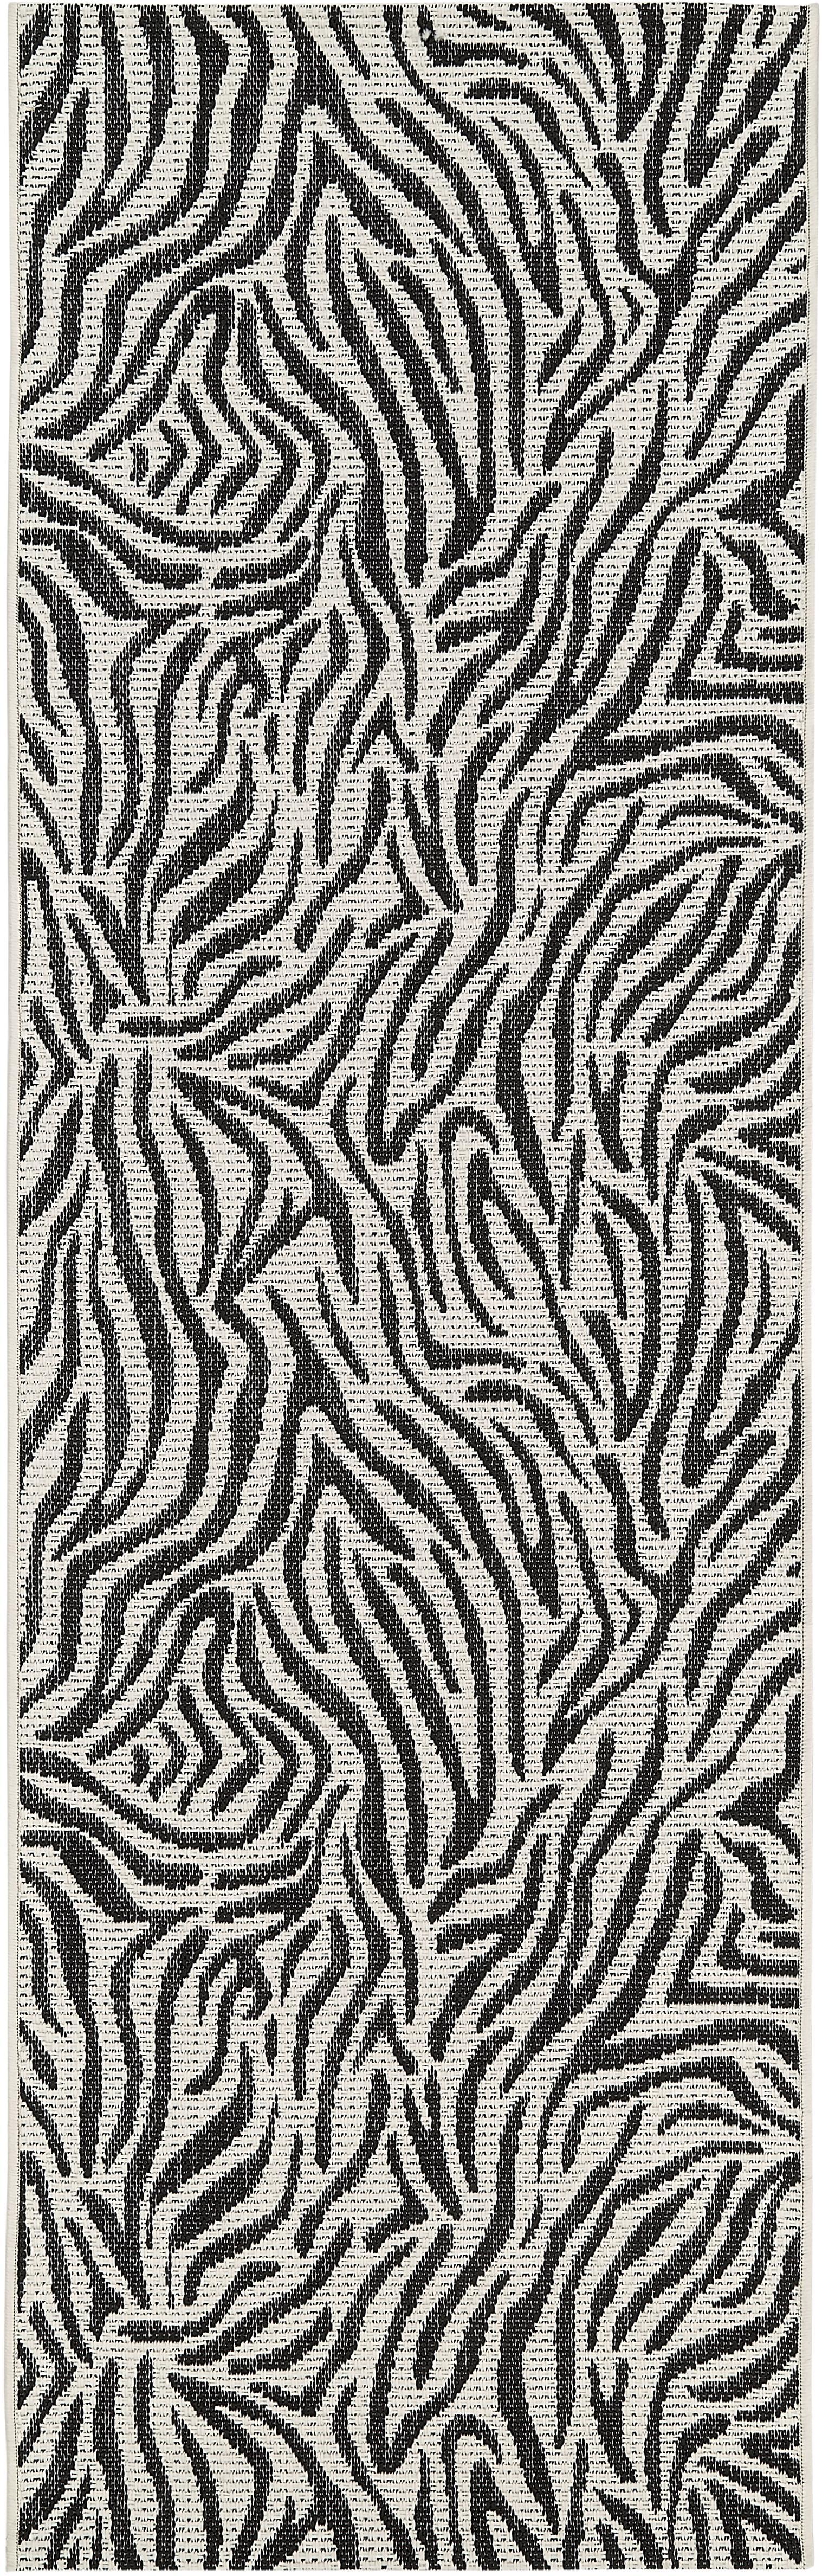 Chodnik wewnętrzny/zewnętrzny Exotic, Kremowobiały, czarny, S 80 x D 250 cm